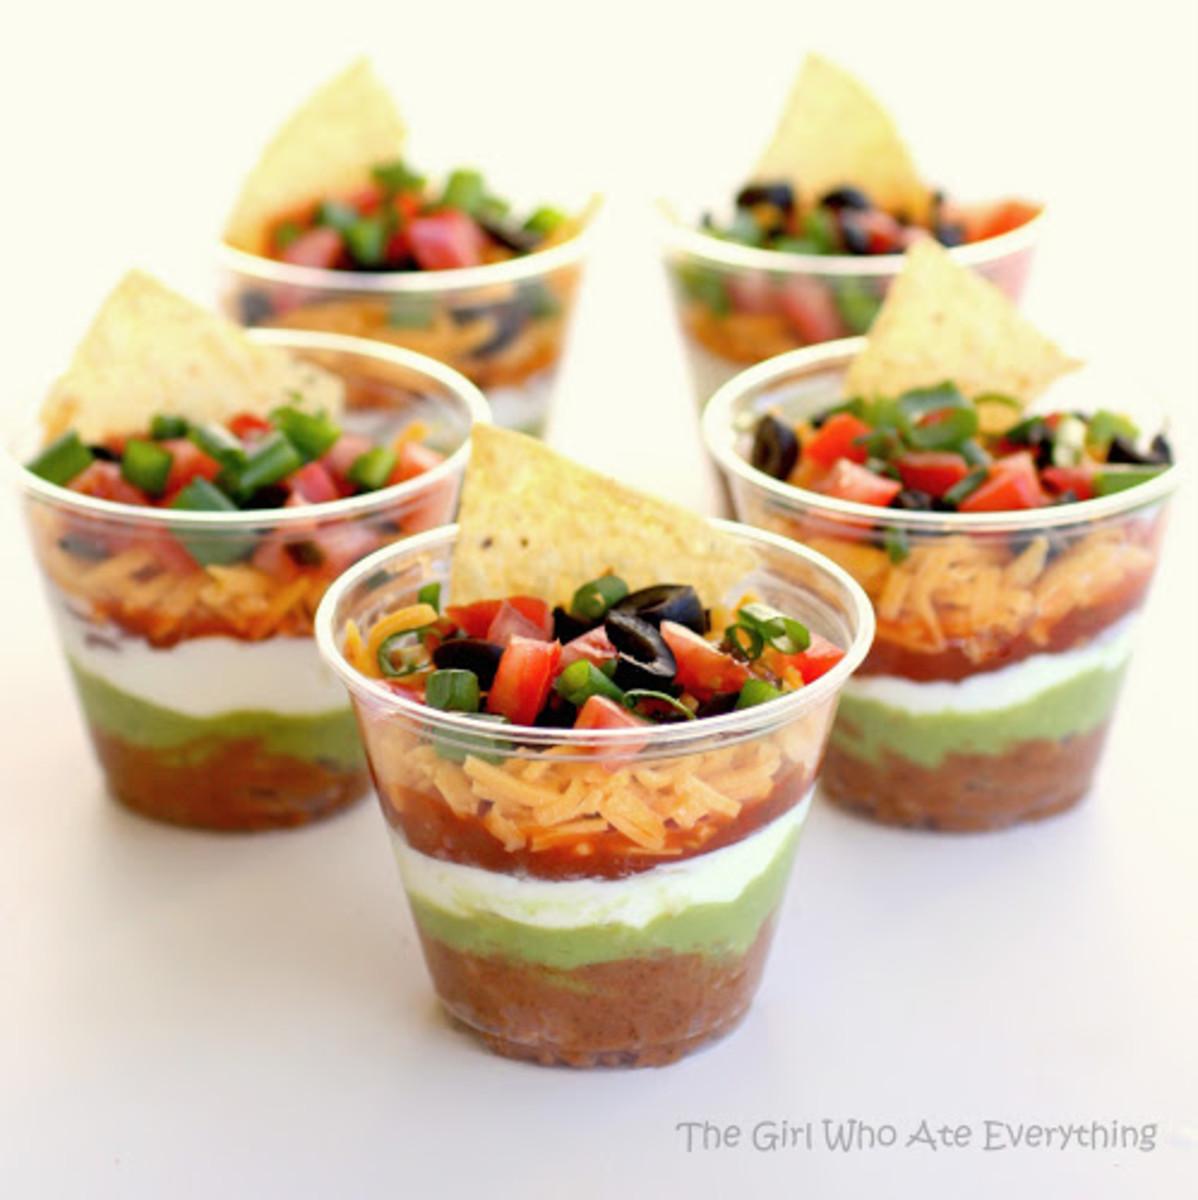 5 Easy Appetizers www.TodaysMama.com